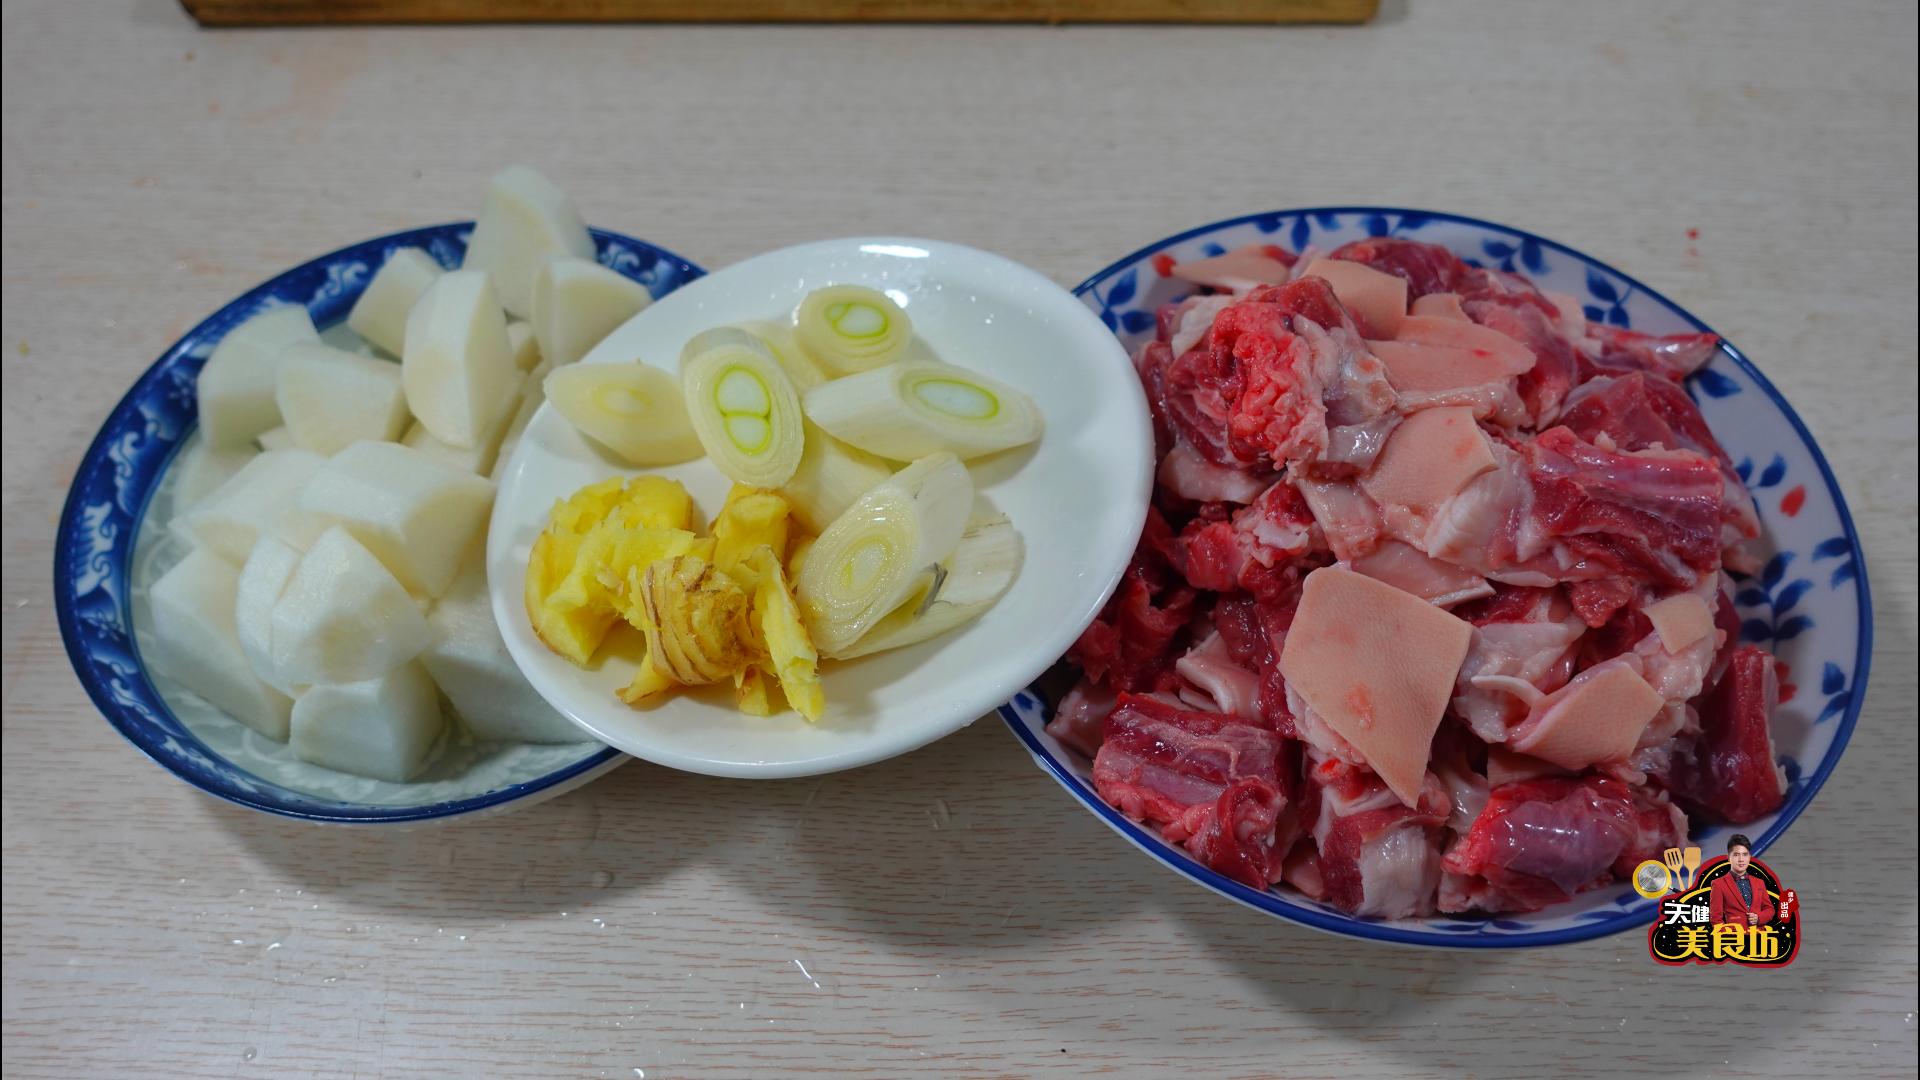 羊肉炖萝卜广东人都爱这样做,营养美味,汤鲜味美,做法还很简单